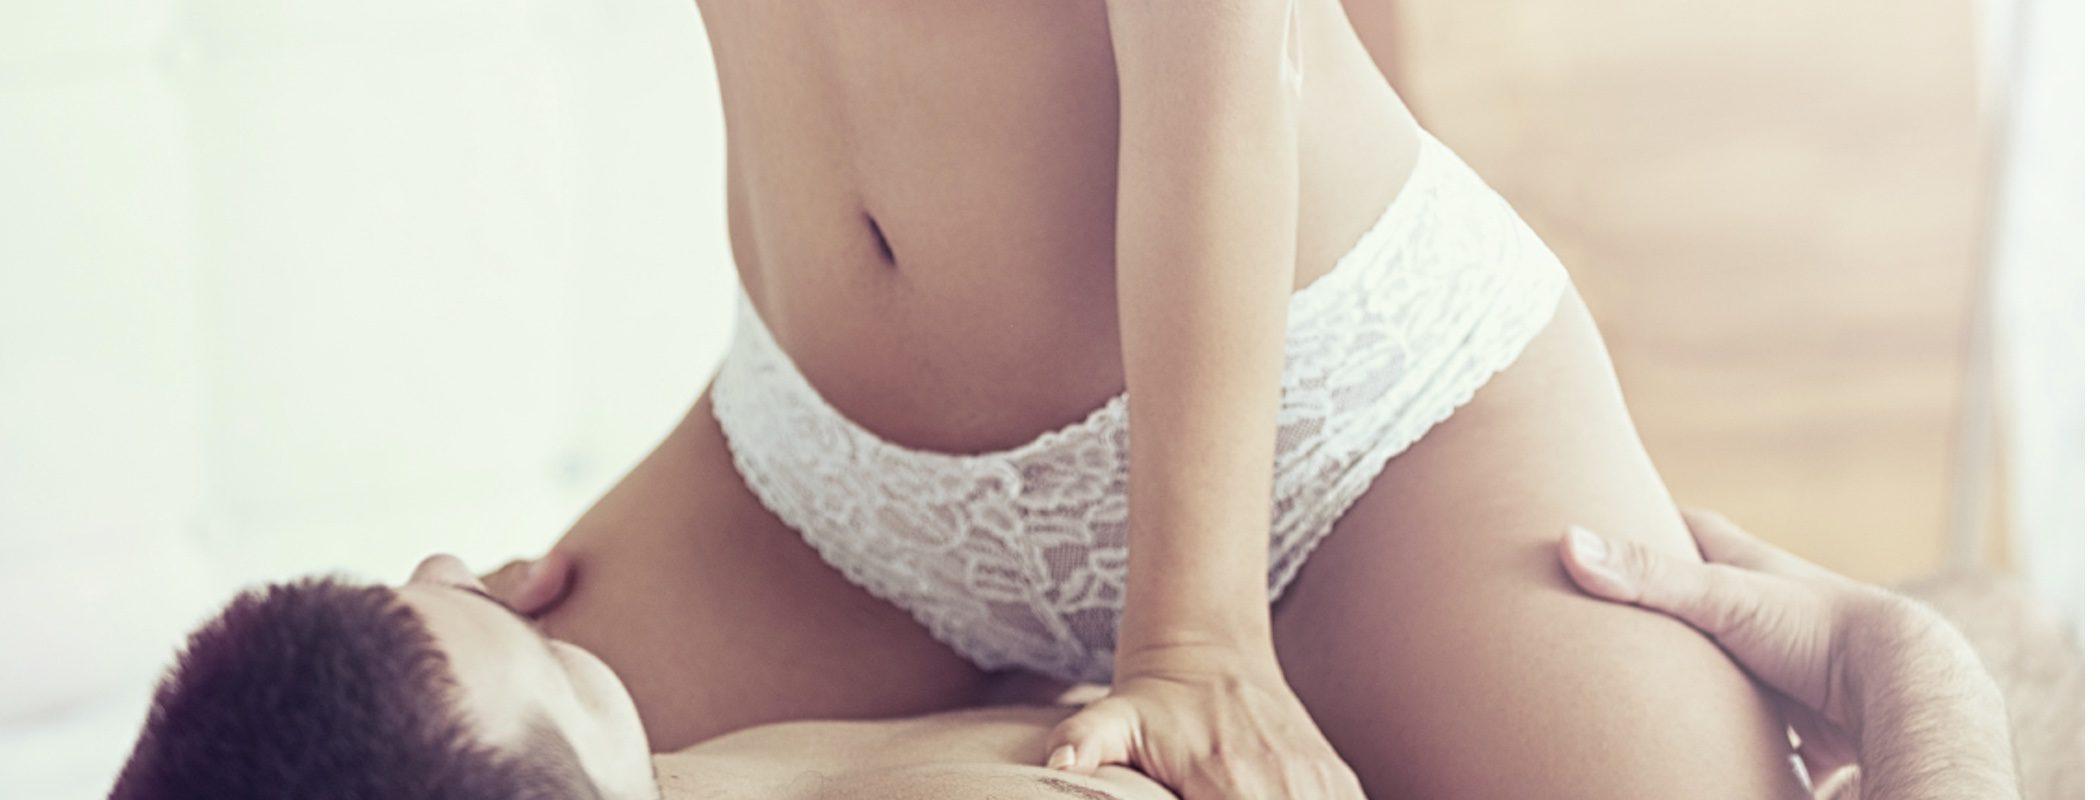 Consigue un orgasmo garantizado con posturas sexuales para chicas atrevidas